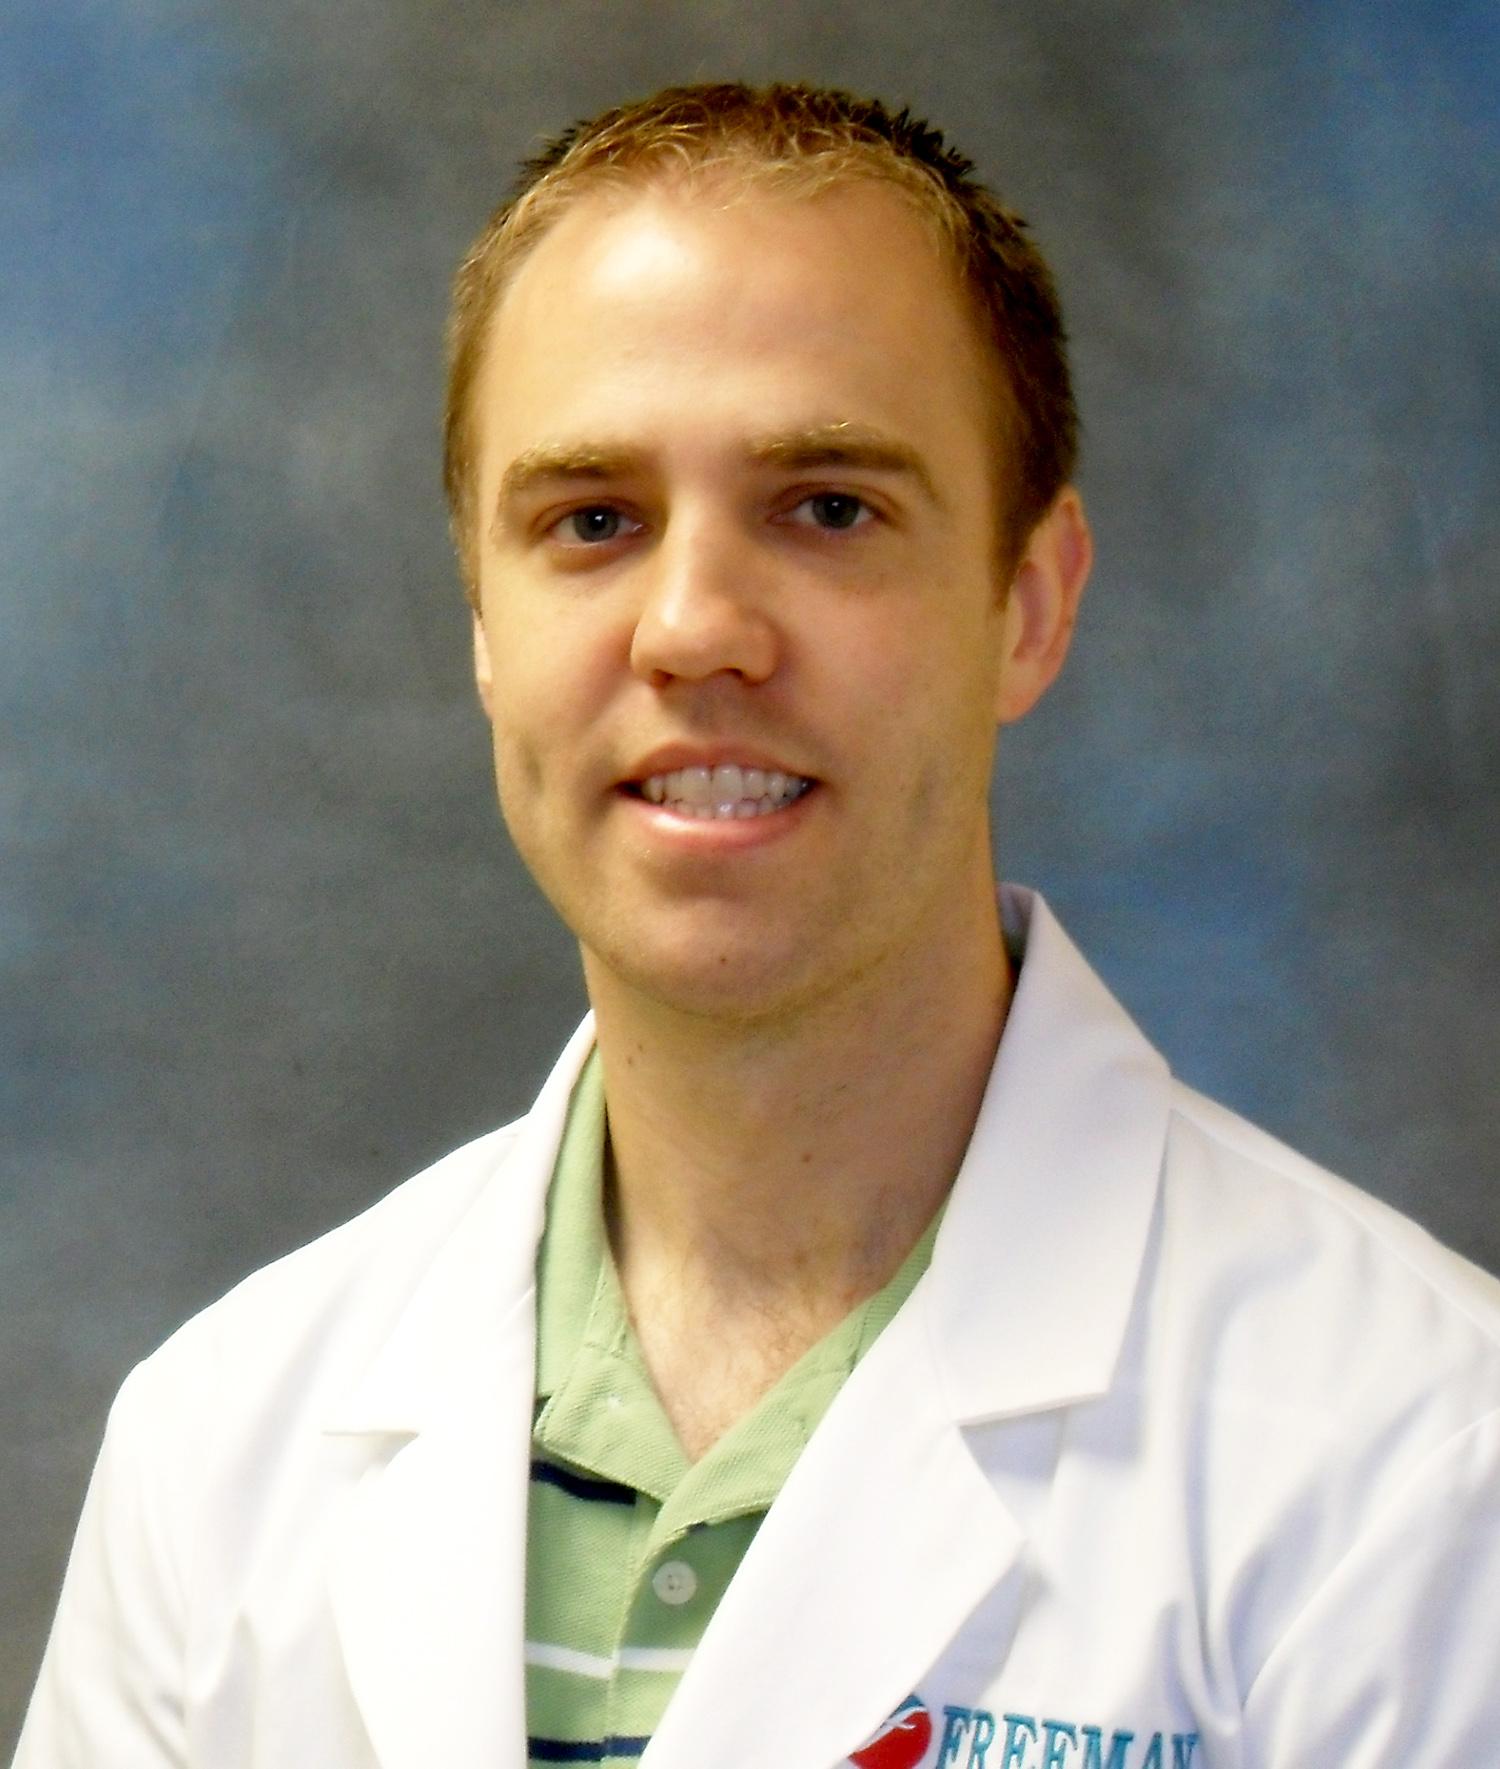 Brandon G. Mahurin, DO